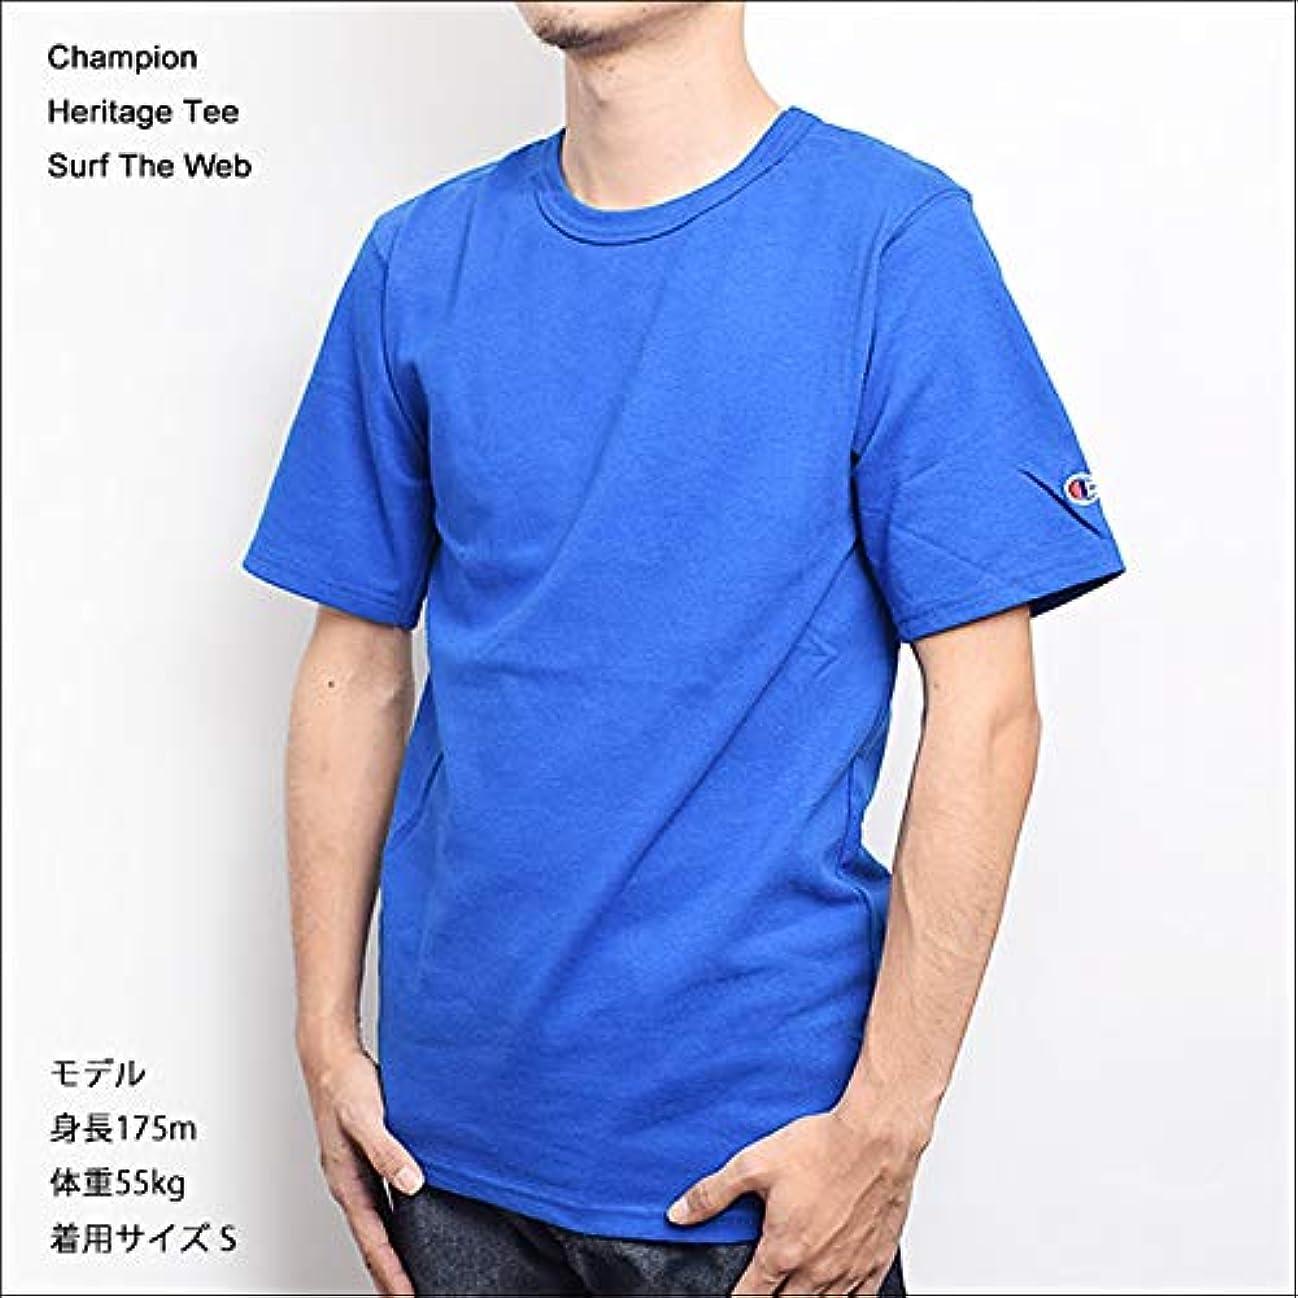 封建のみ満足できる[チャンピオン] (T1919) HERITAGE TEE メンズ/Tシャツ/半袖/ロゴ [並行輸入品]